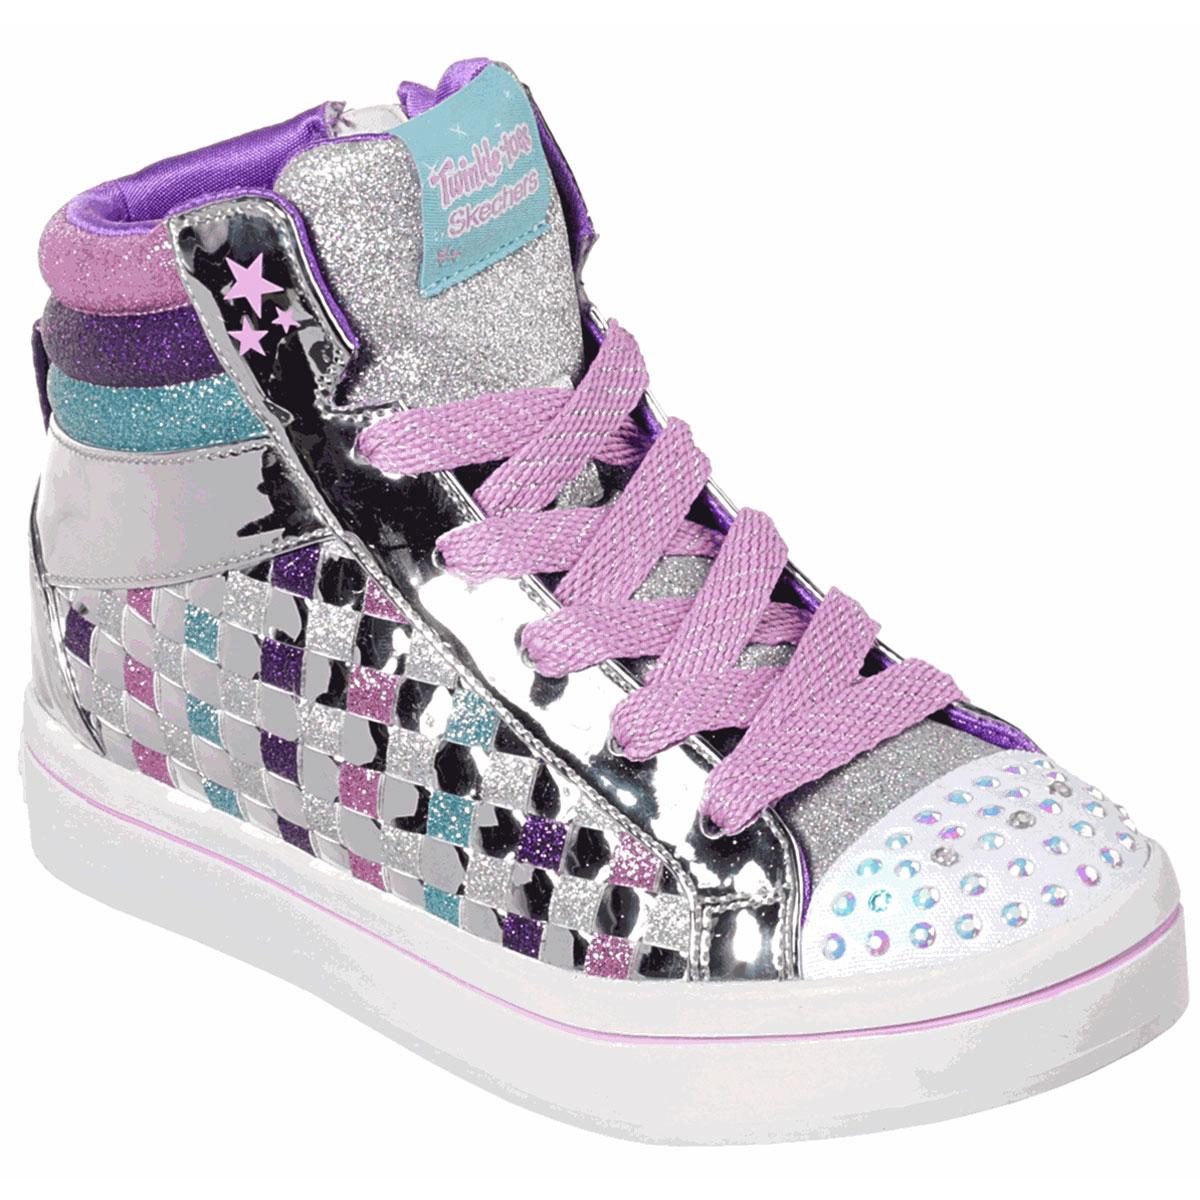 Skechers Little Girls' Twinkle Toes Twi-Lites Sparkle Status Hi Top Sneakers - Black, 13